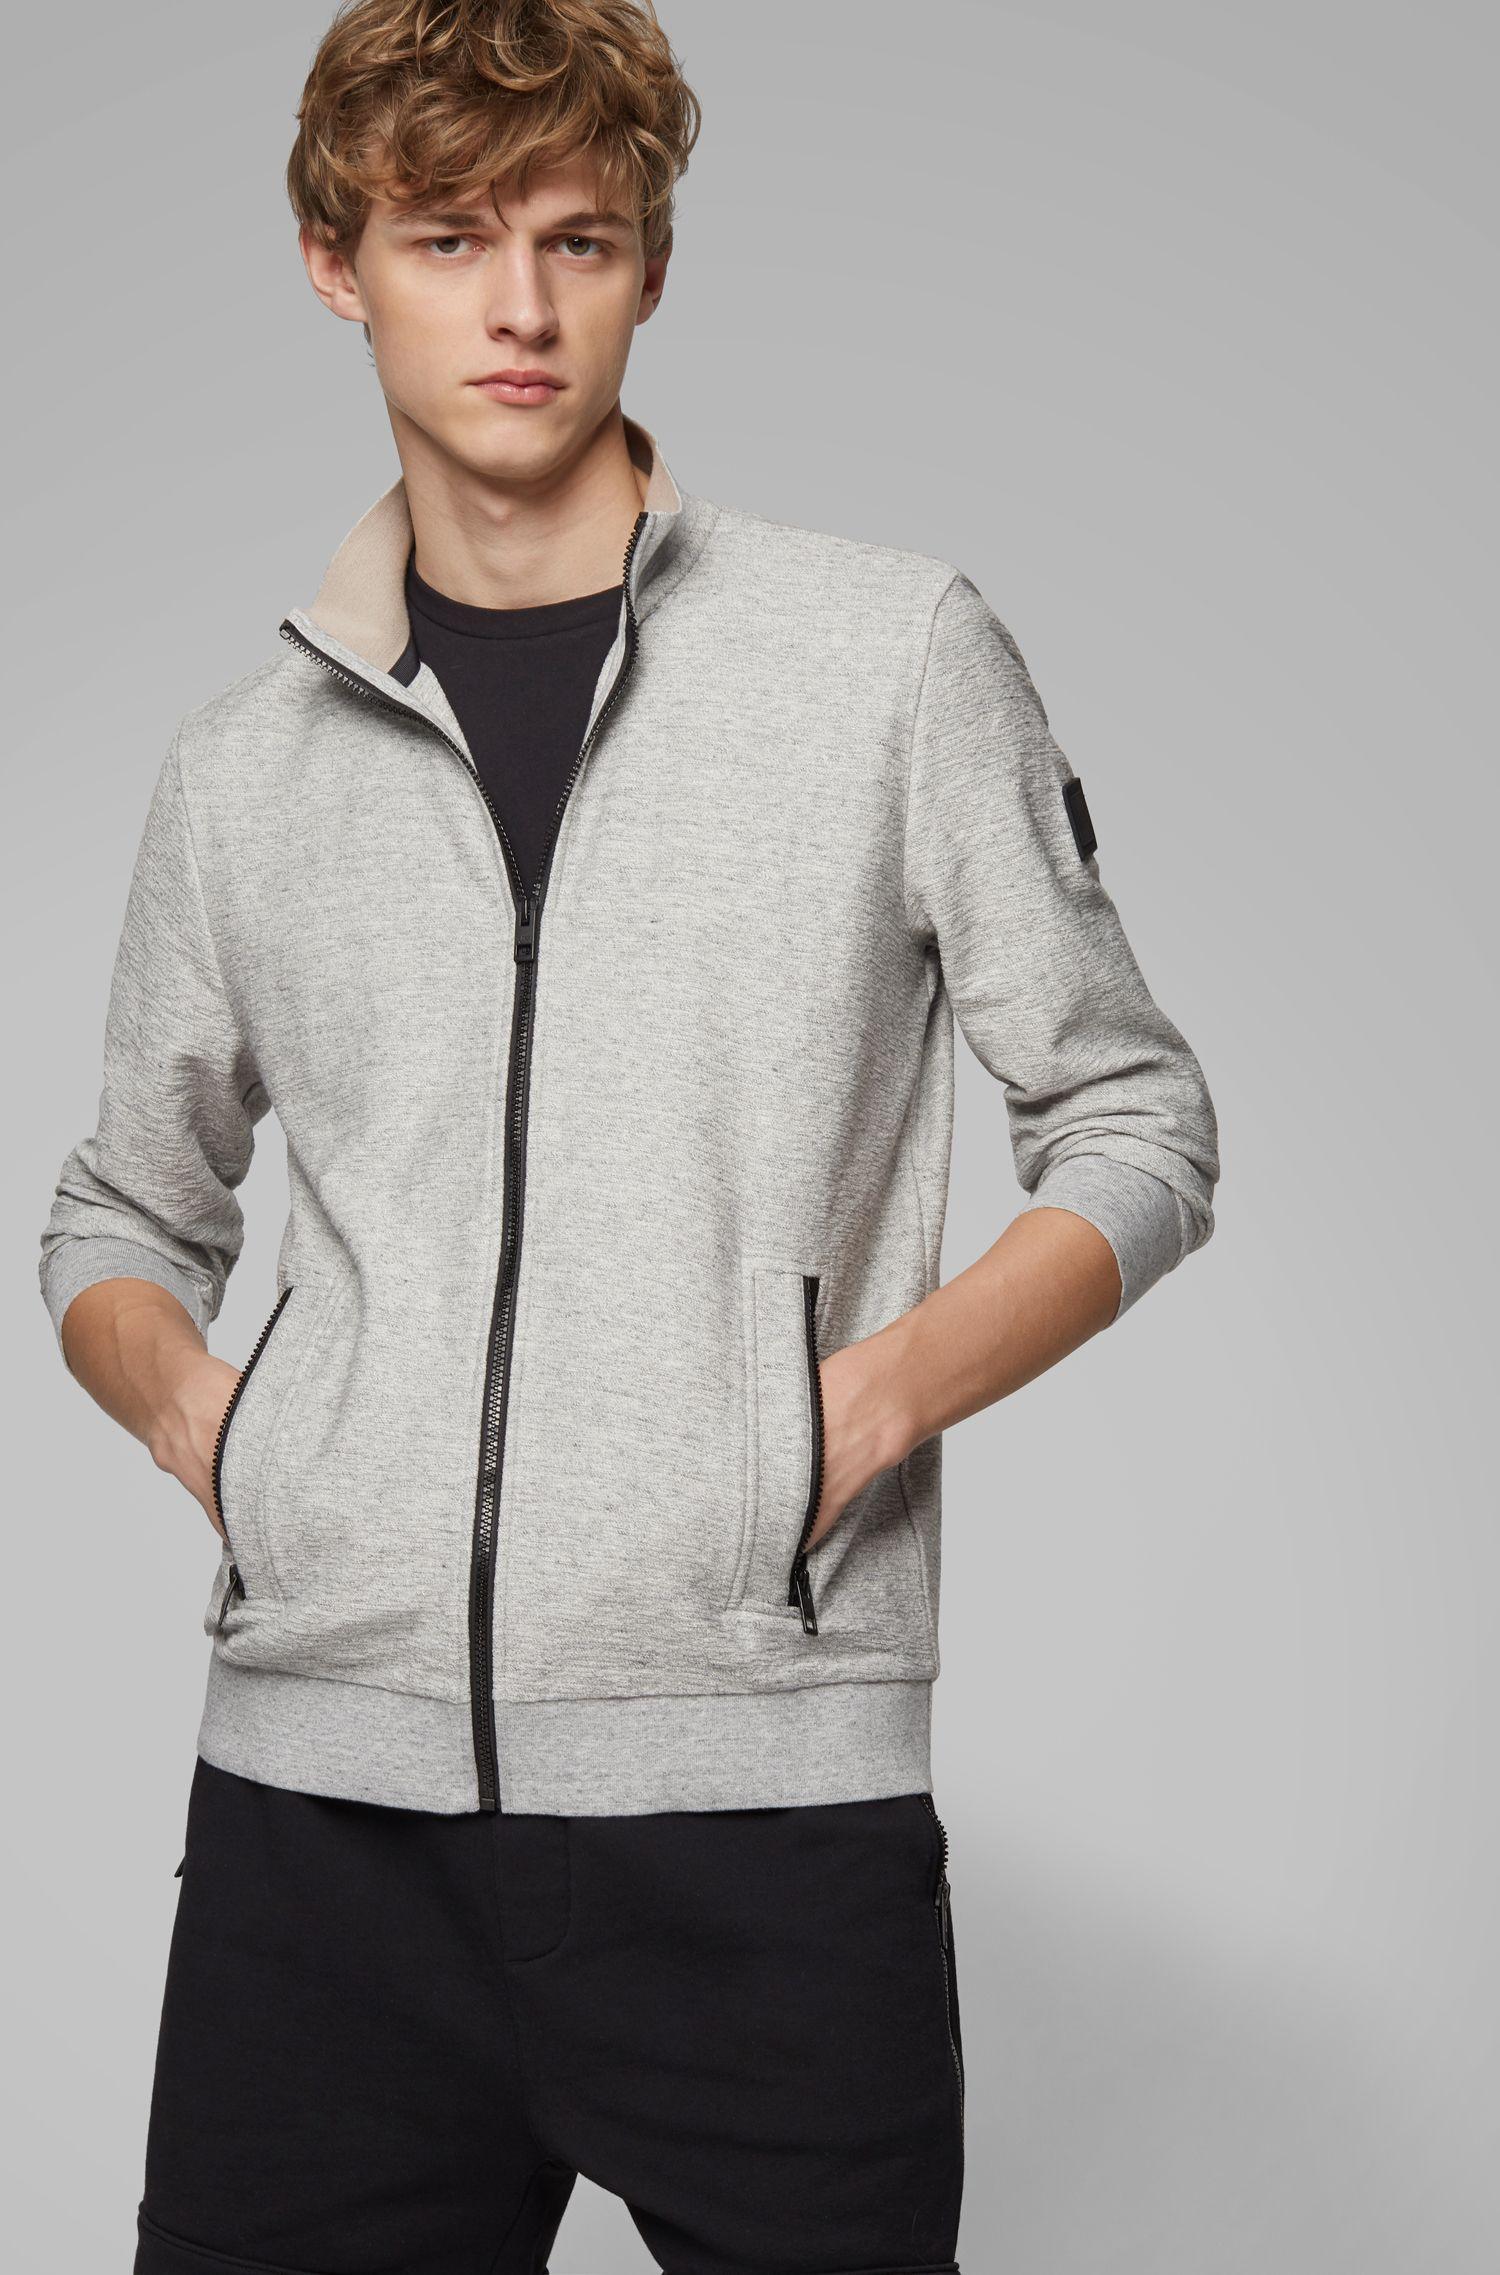 Veste Relaxed Fit en jersey avec fermetures éclair contrastantes, Gris chiné